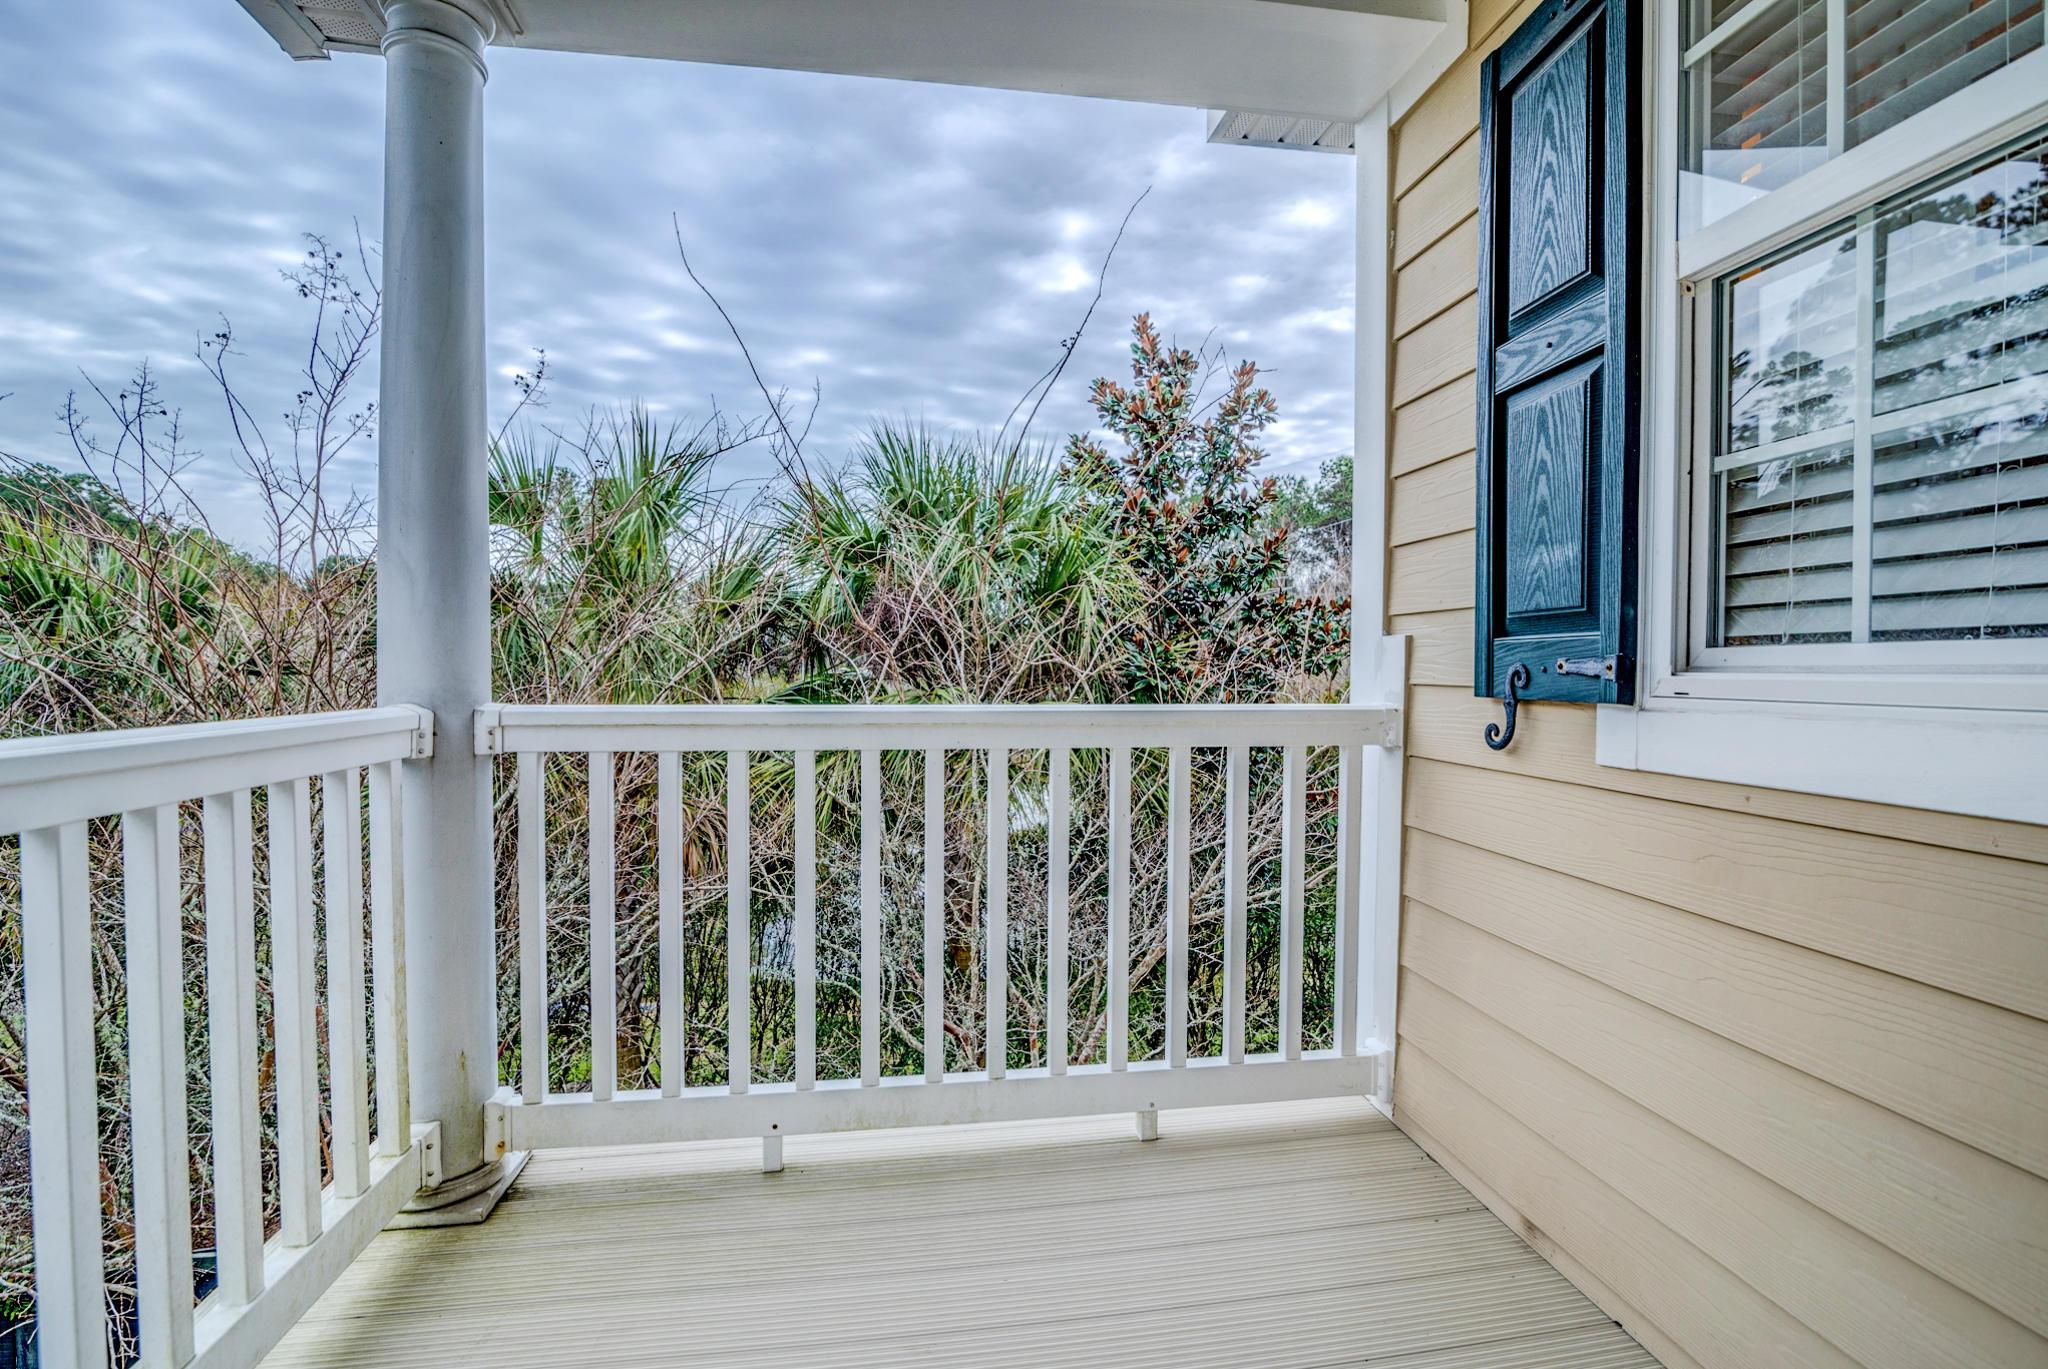 Park West Homes For Sale - 3001 Parkwest, Mount Pleasant, SC - 2